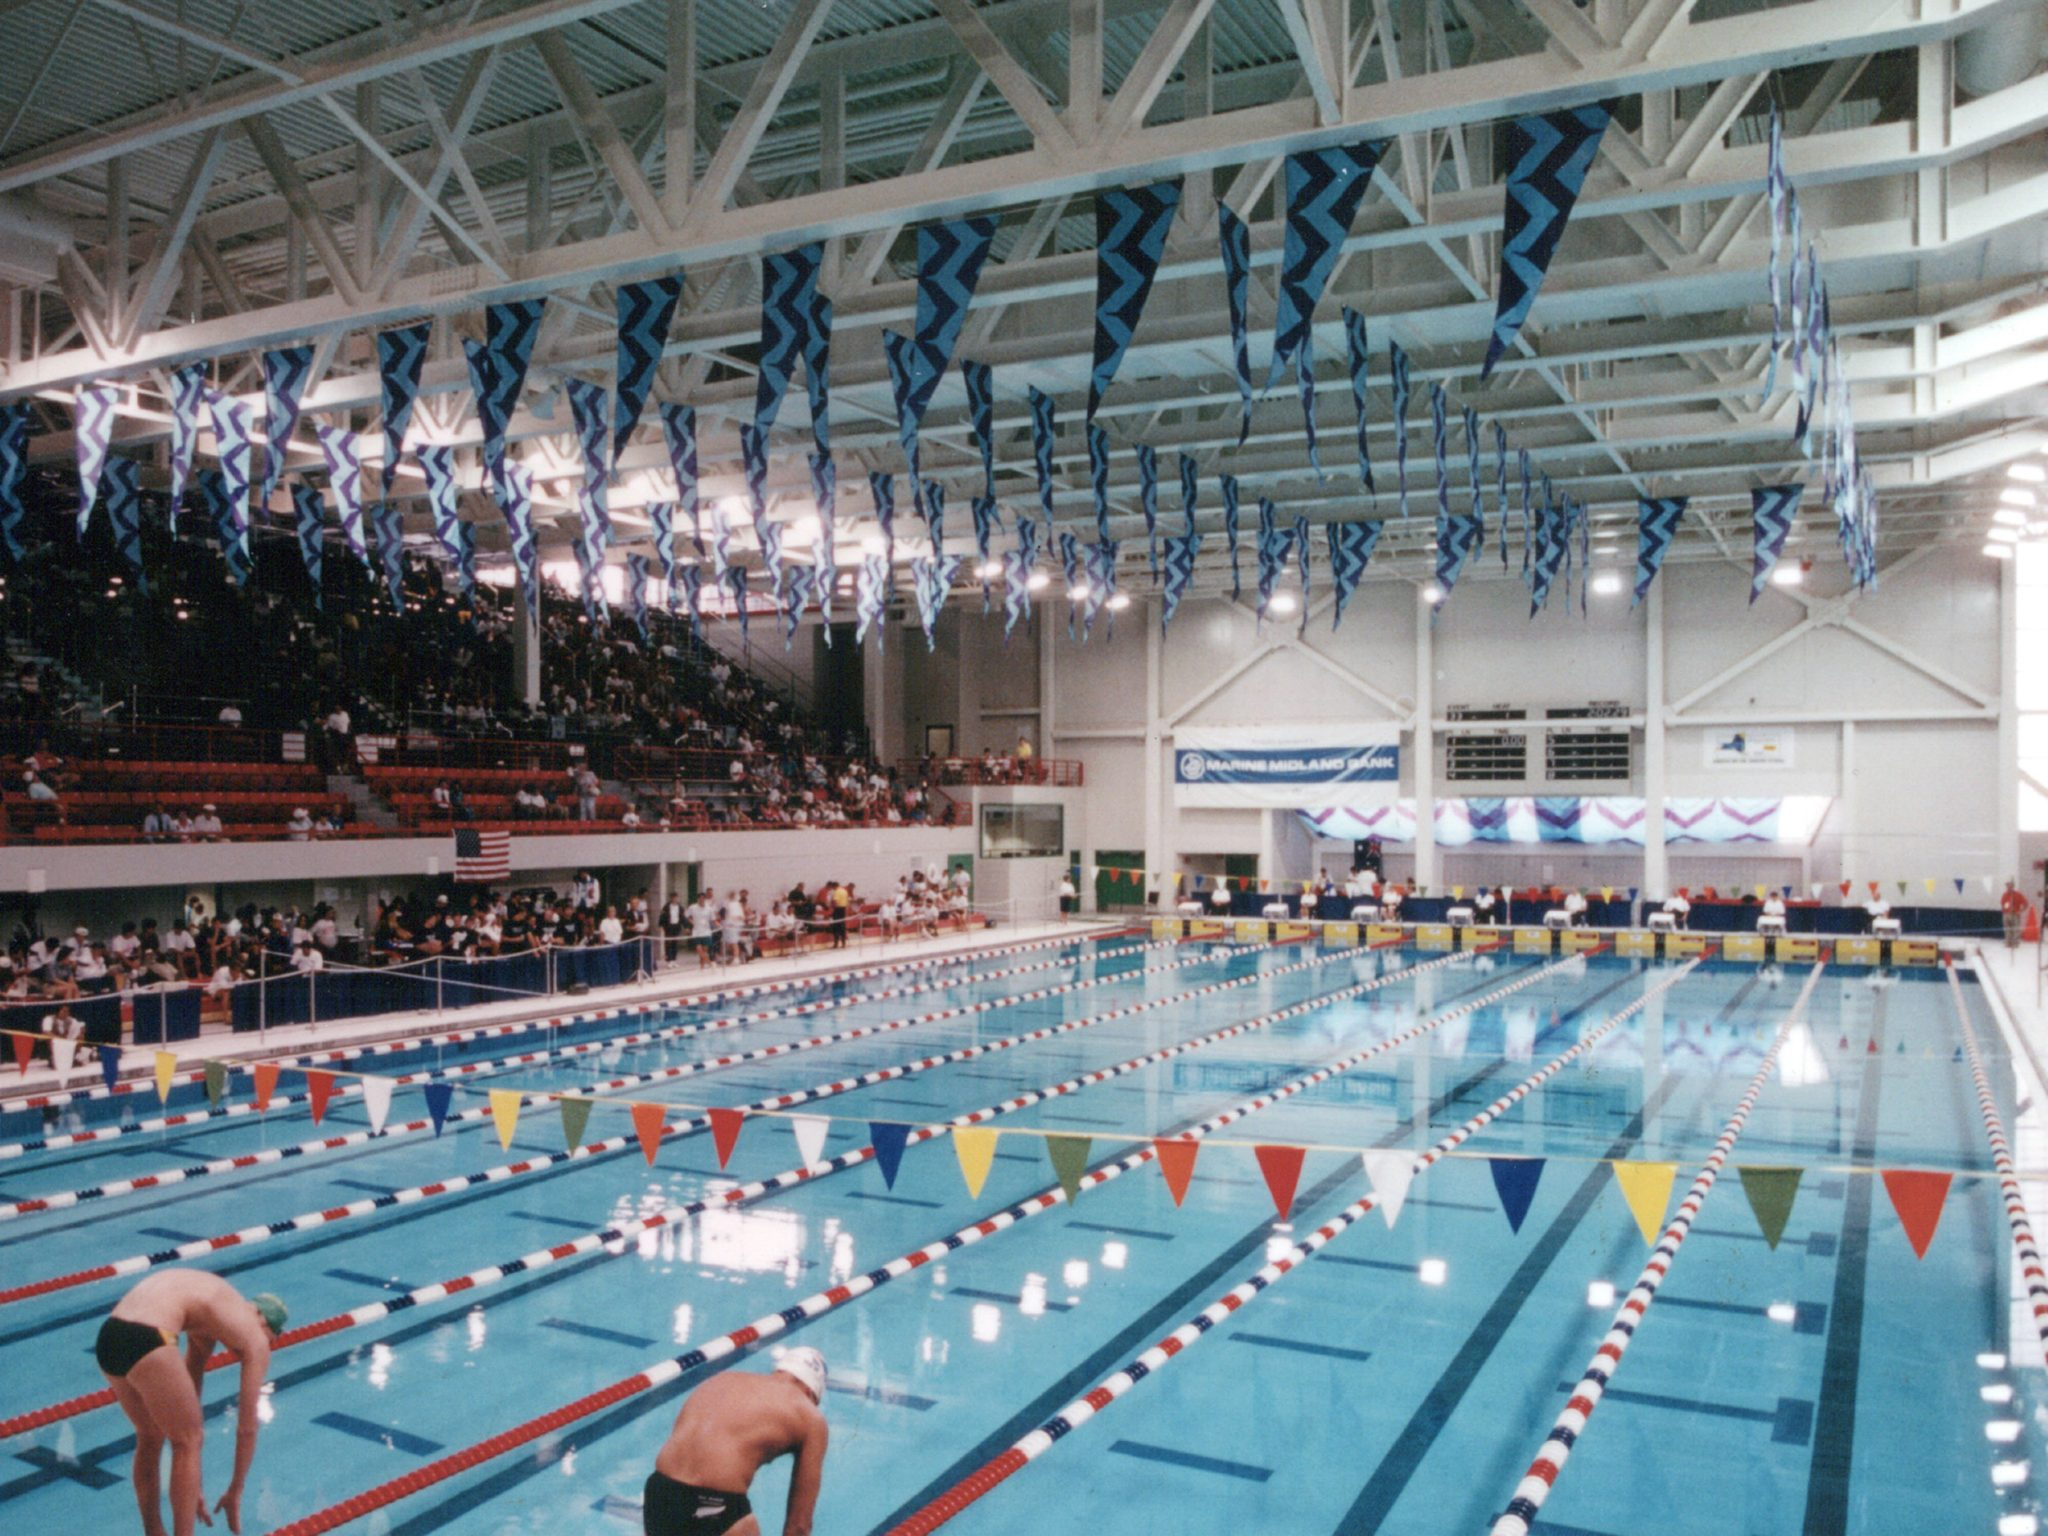 Erie Community College Burt P Flickinger Athletic Center